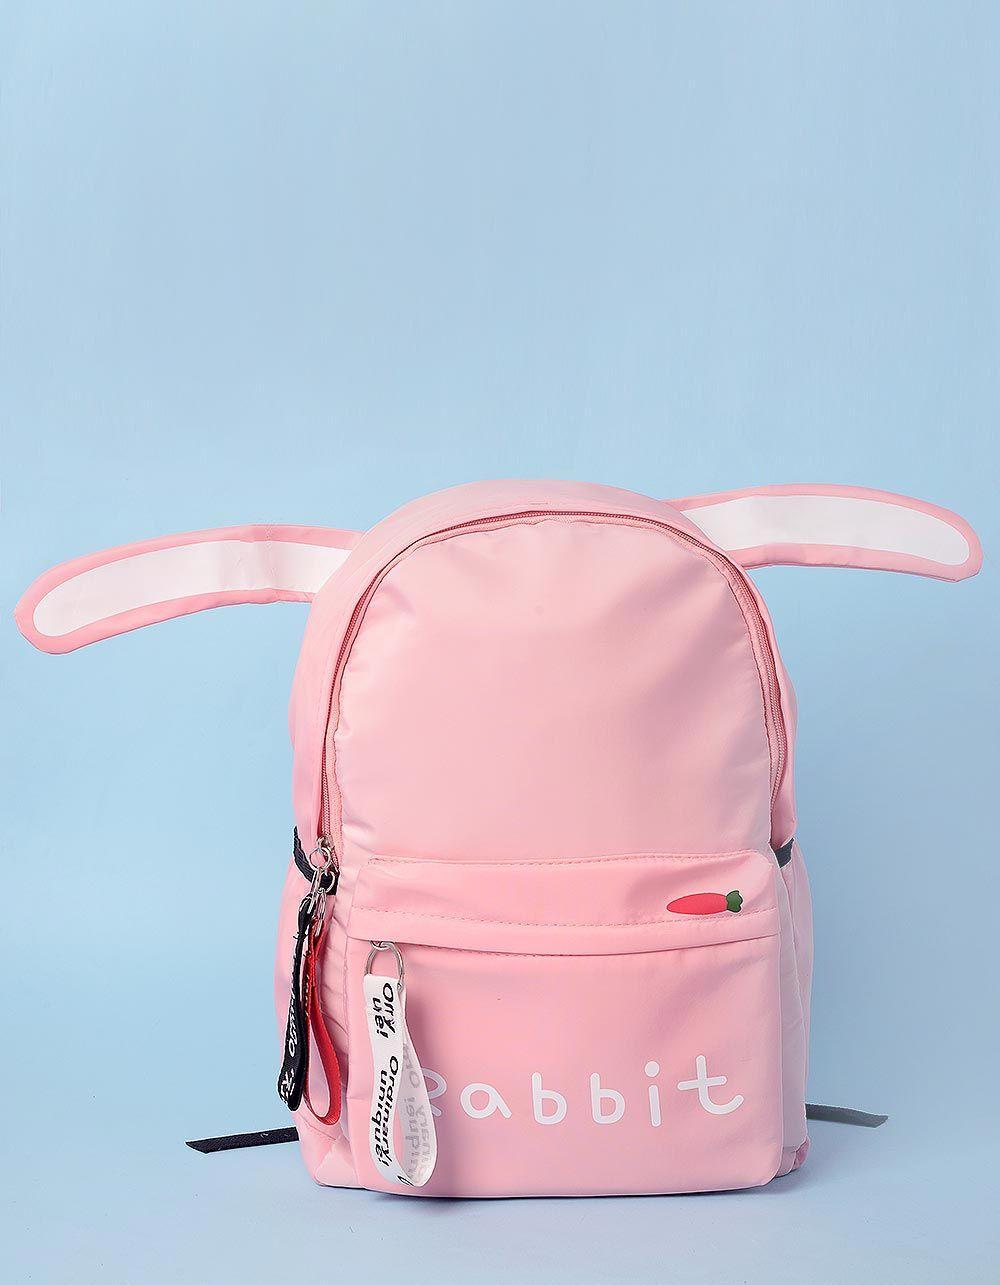 Рюкзак з вушками та написом на кишені | 233445-14-XX